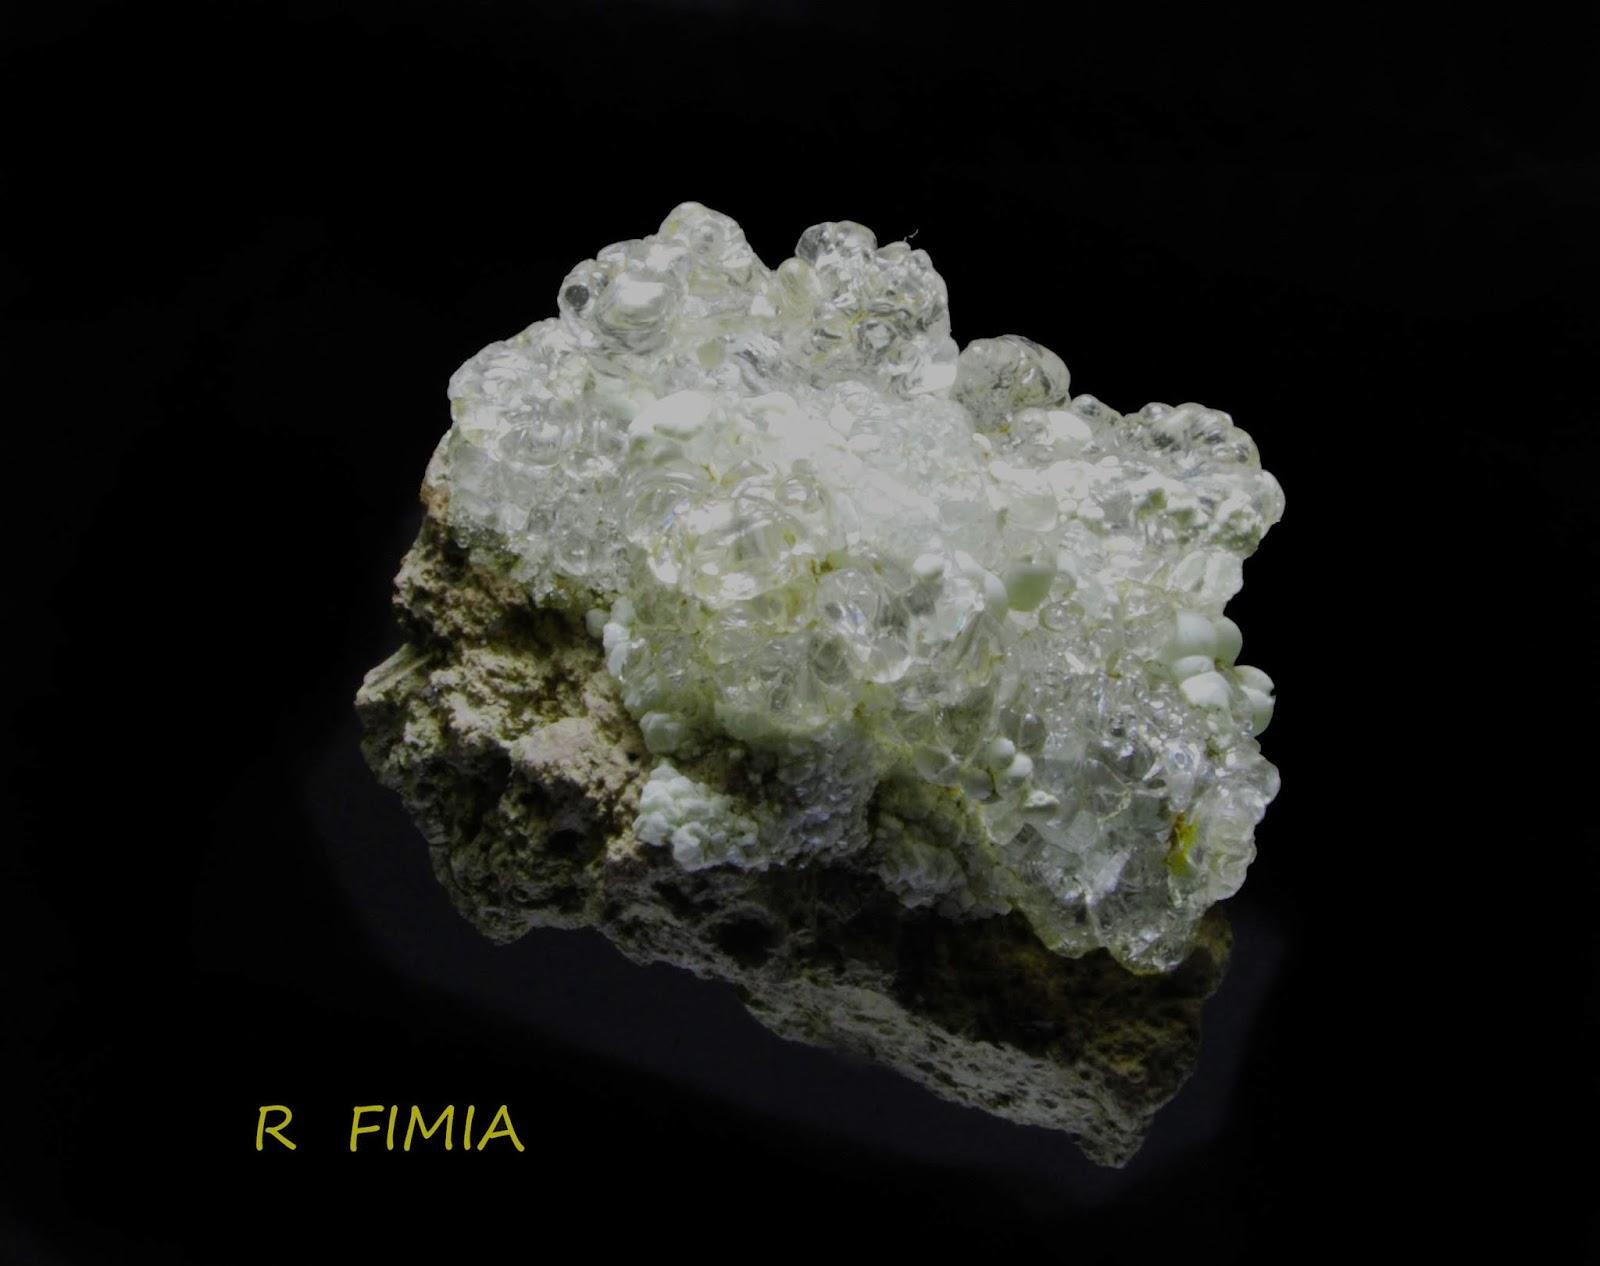 colección R. Fimia - Página 10 OPALO